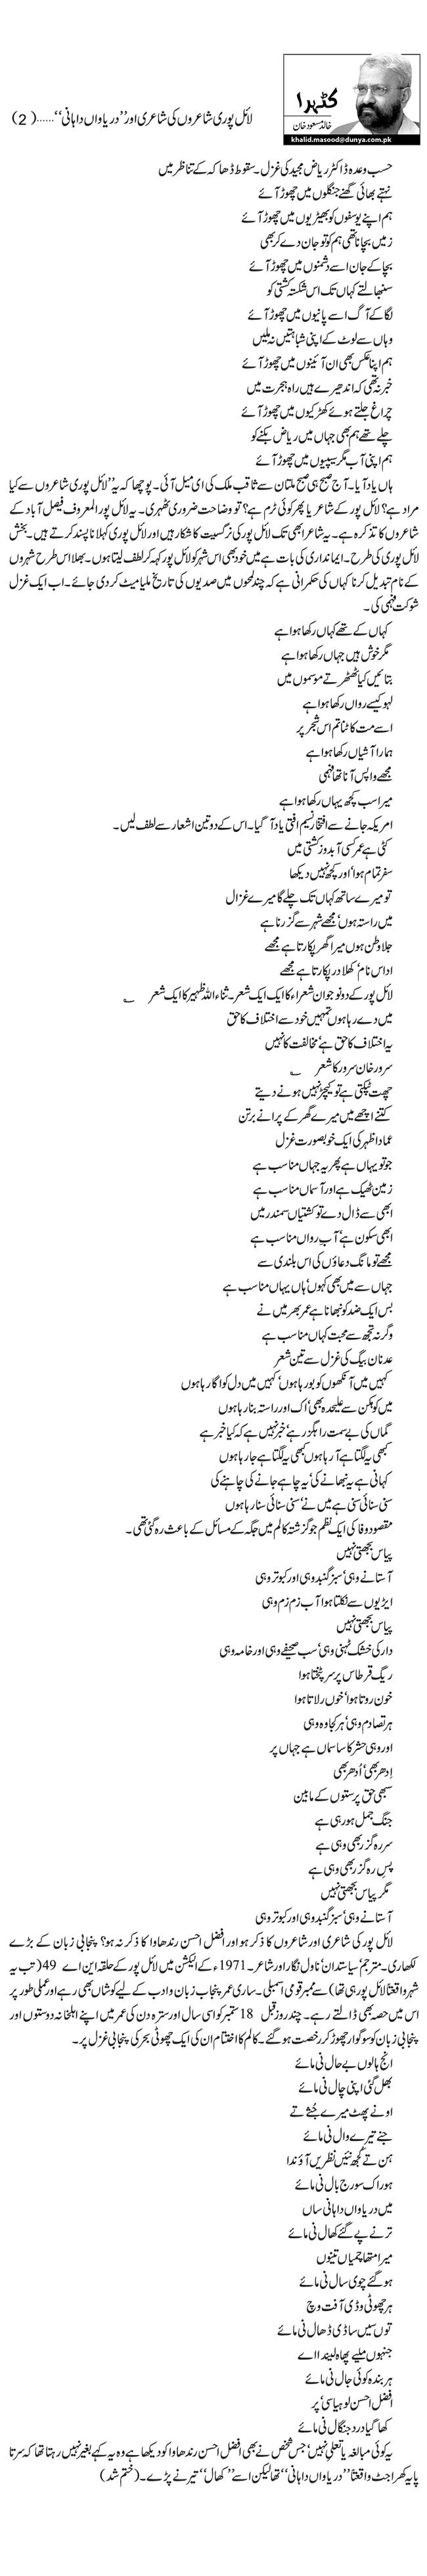 لائل پوری شاعروں کی شاعری اور ''دریاواں دا ہانی''…( 2 )